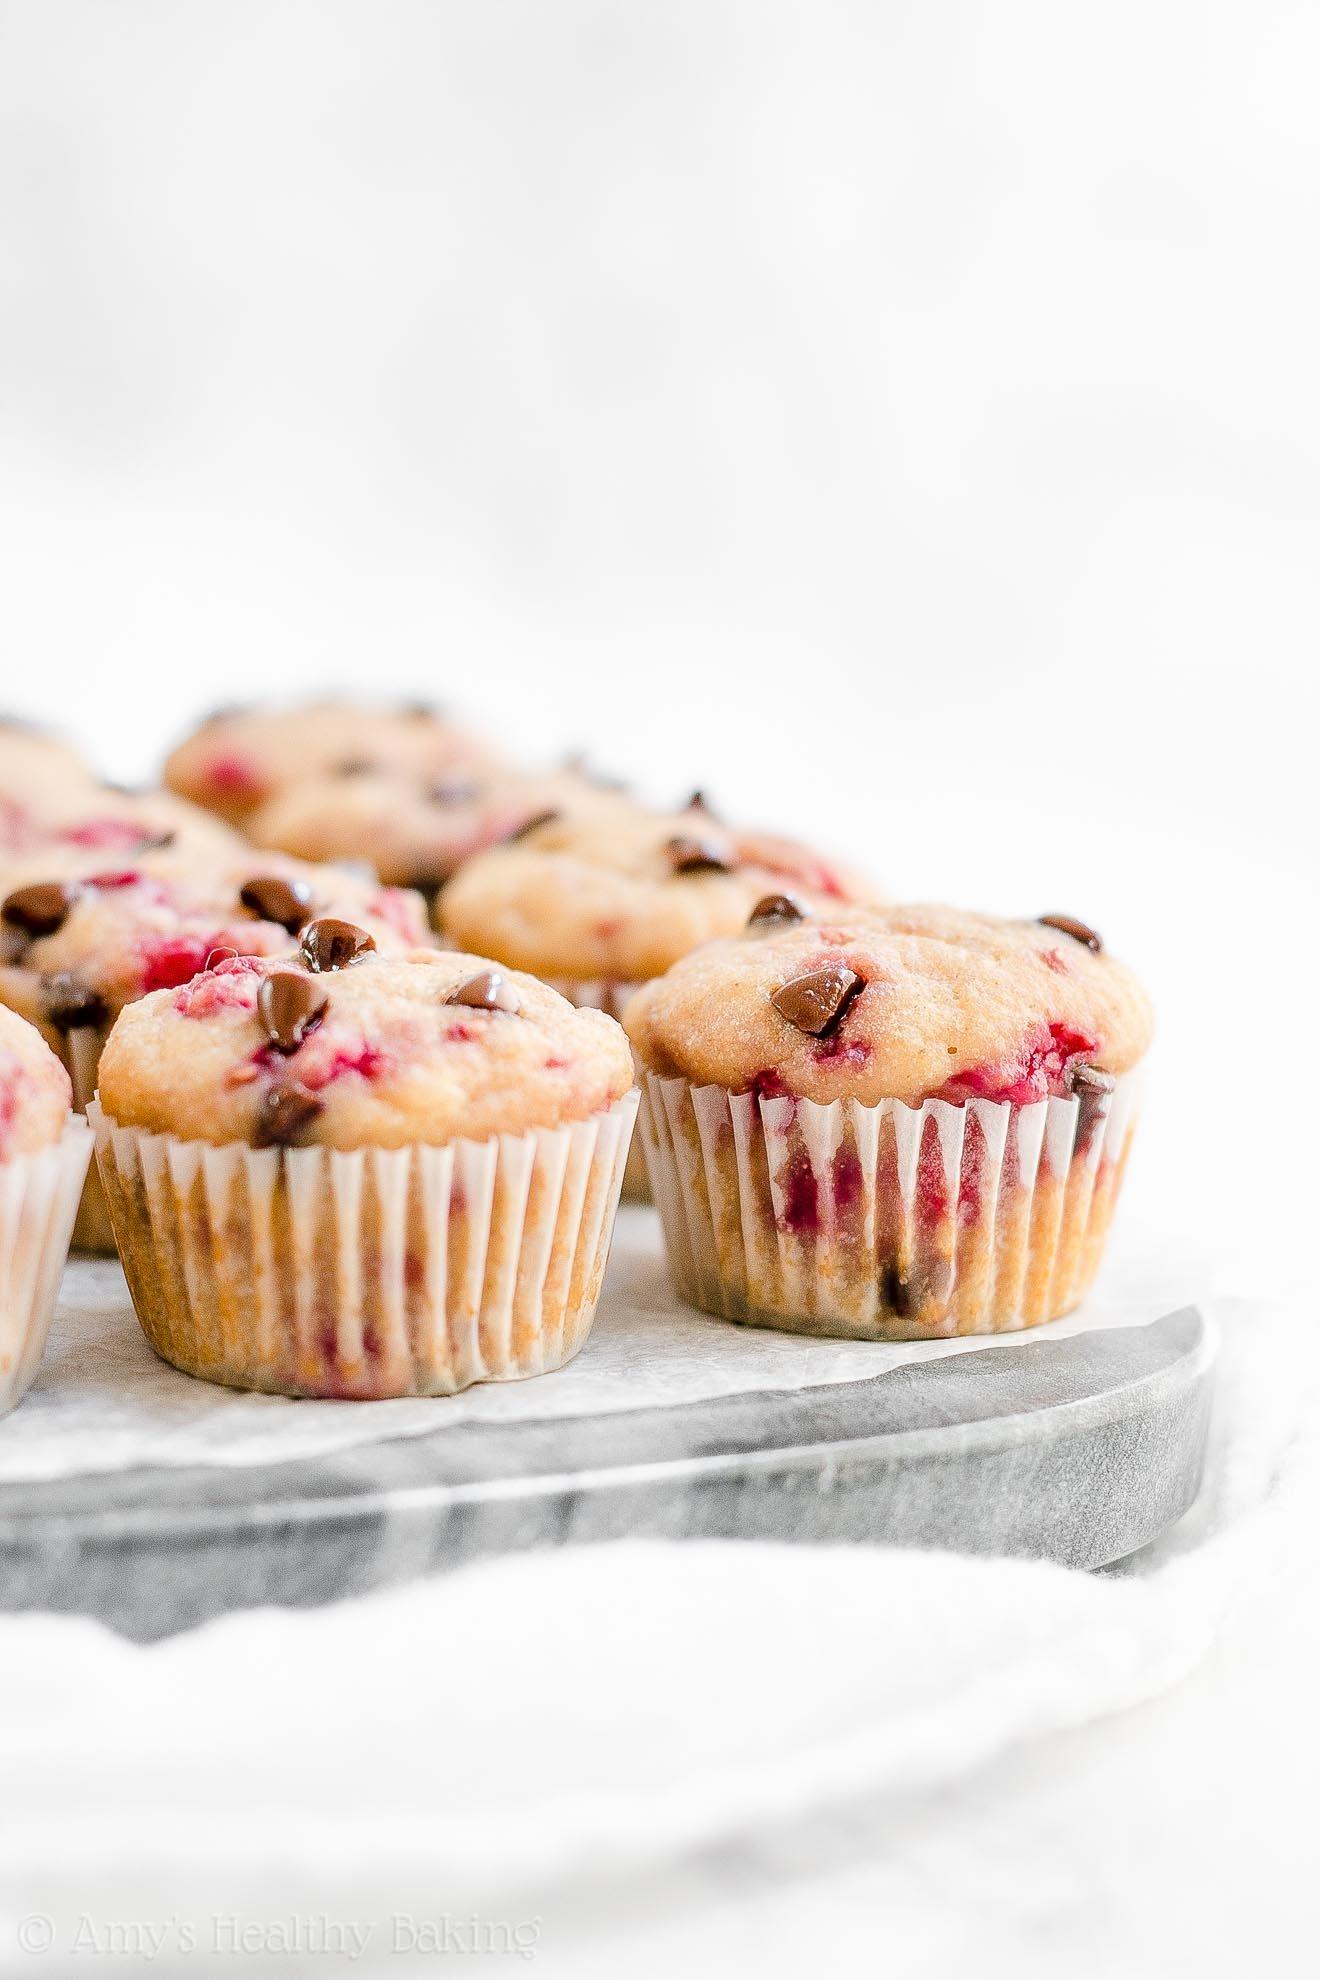 Healthy Gluten Free Sugar Free Raspberry Chocolate Chip Muffins